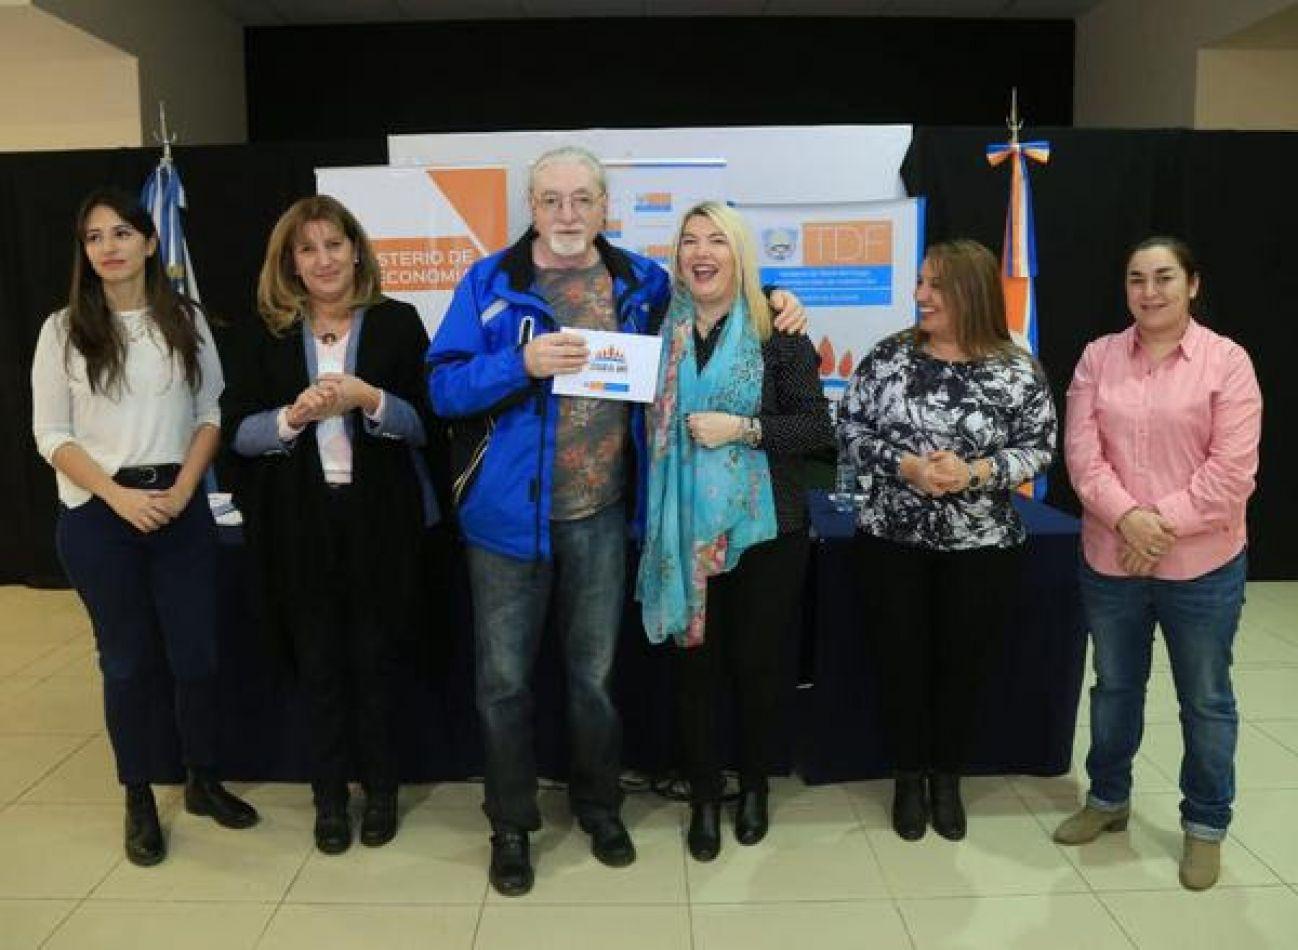 Más familias de Río Grande mejorarán su calidad de vida